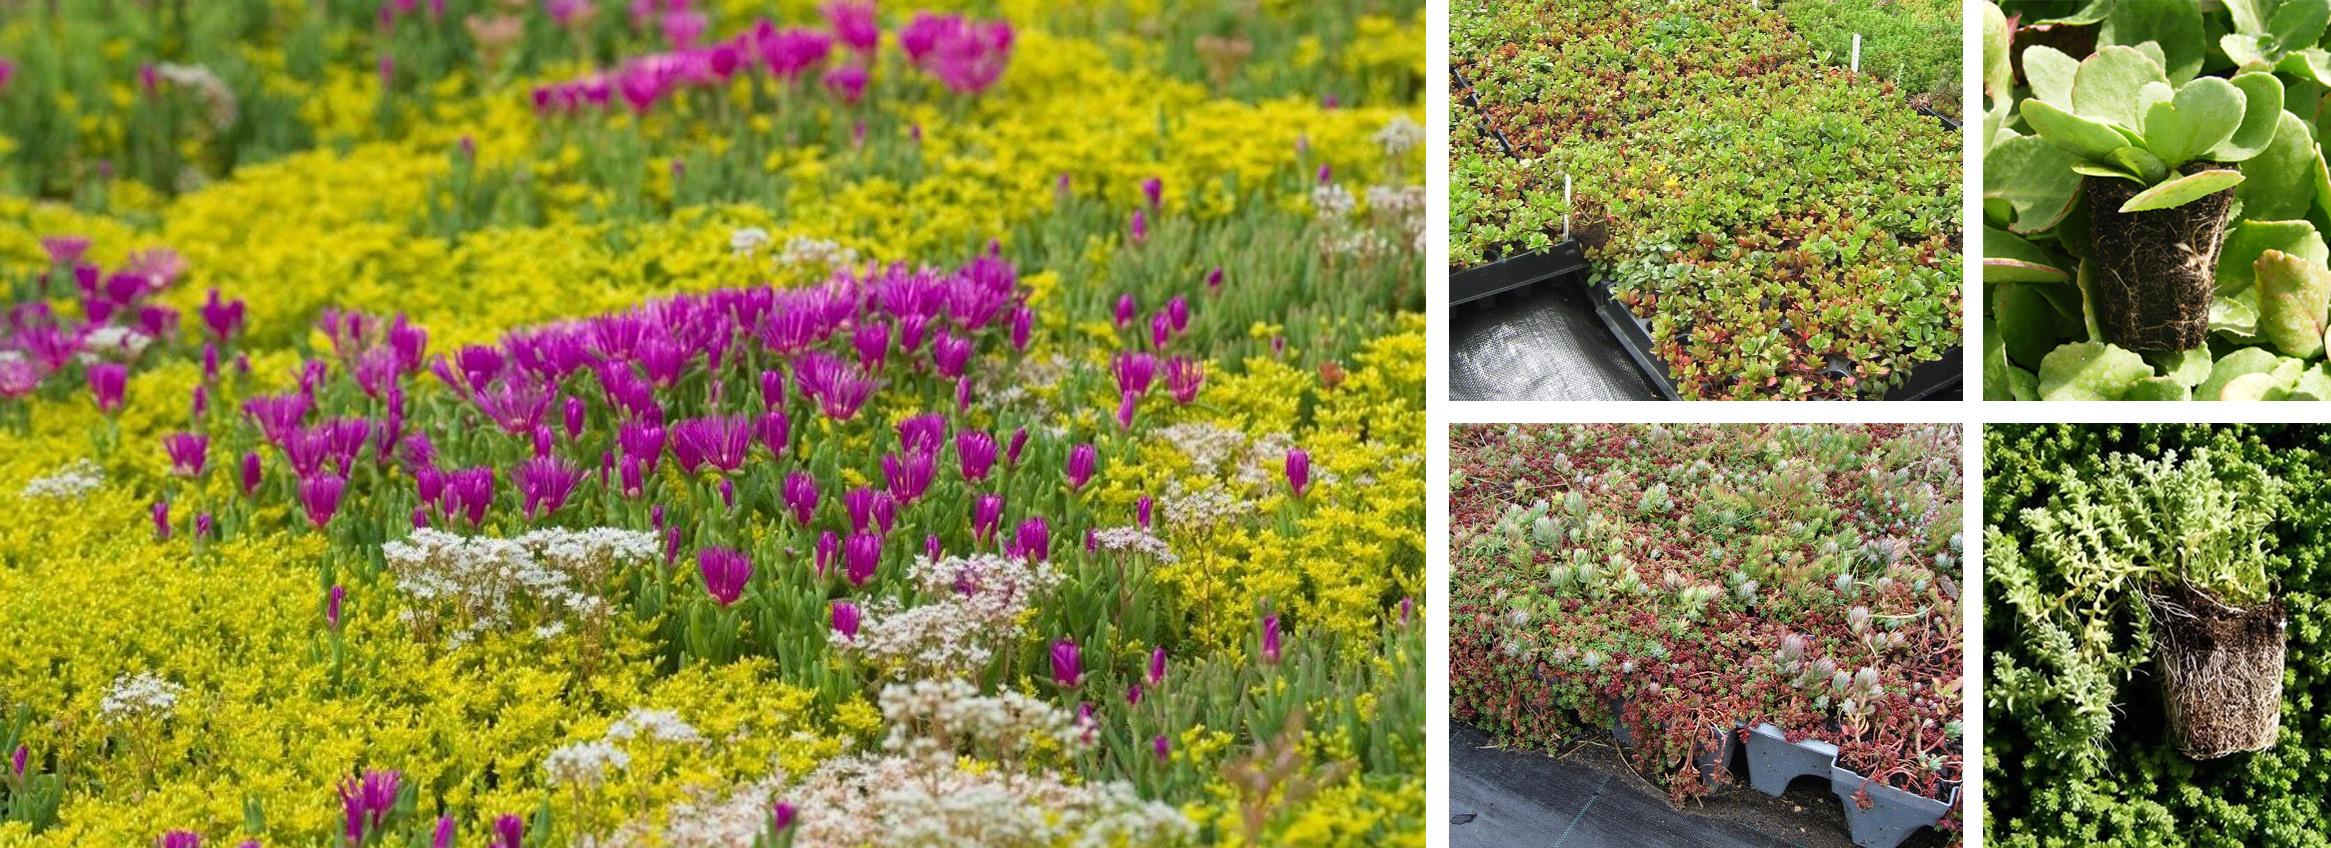 Plantas sedum para los jardines verticales paivert - Plantas para jardines verticales ...